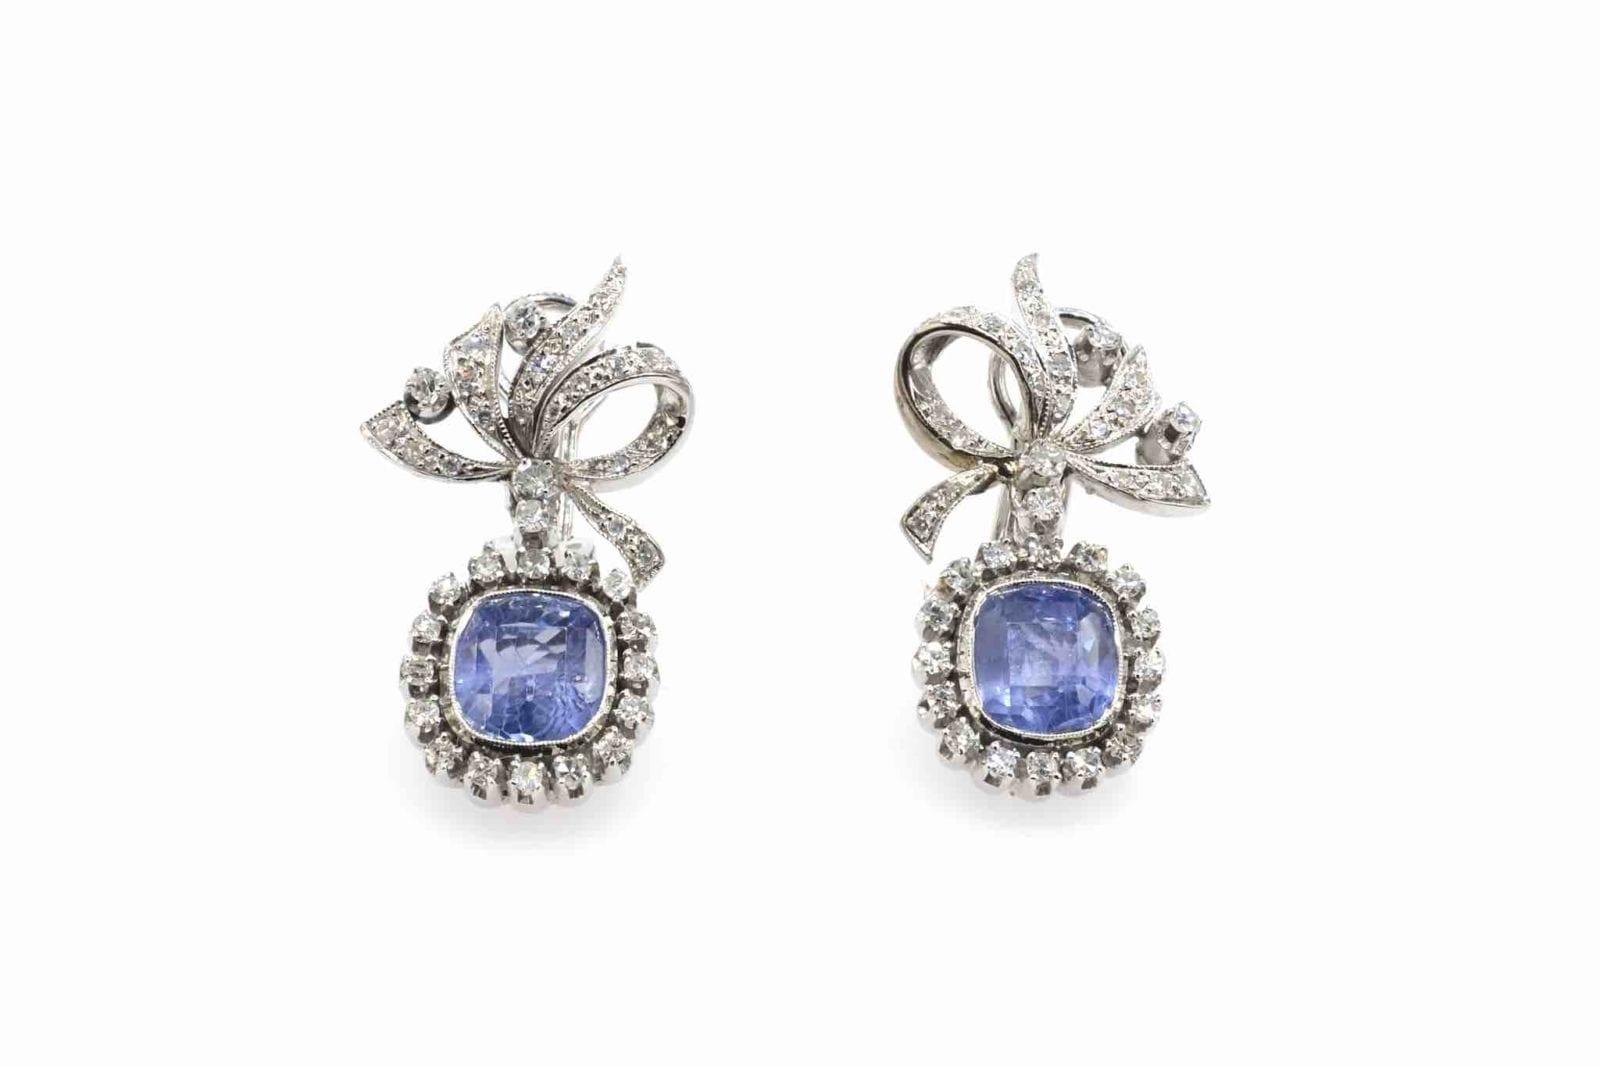 boucles d'oreilles diamants et saphirs